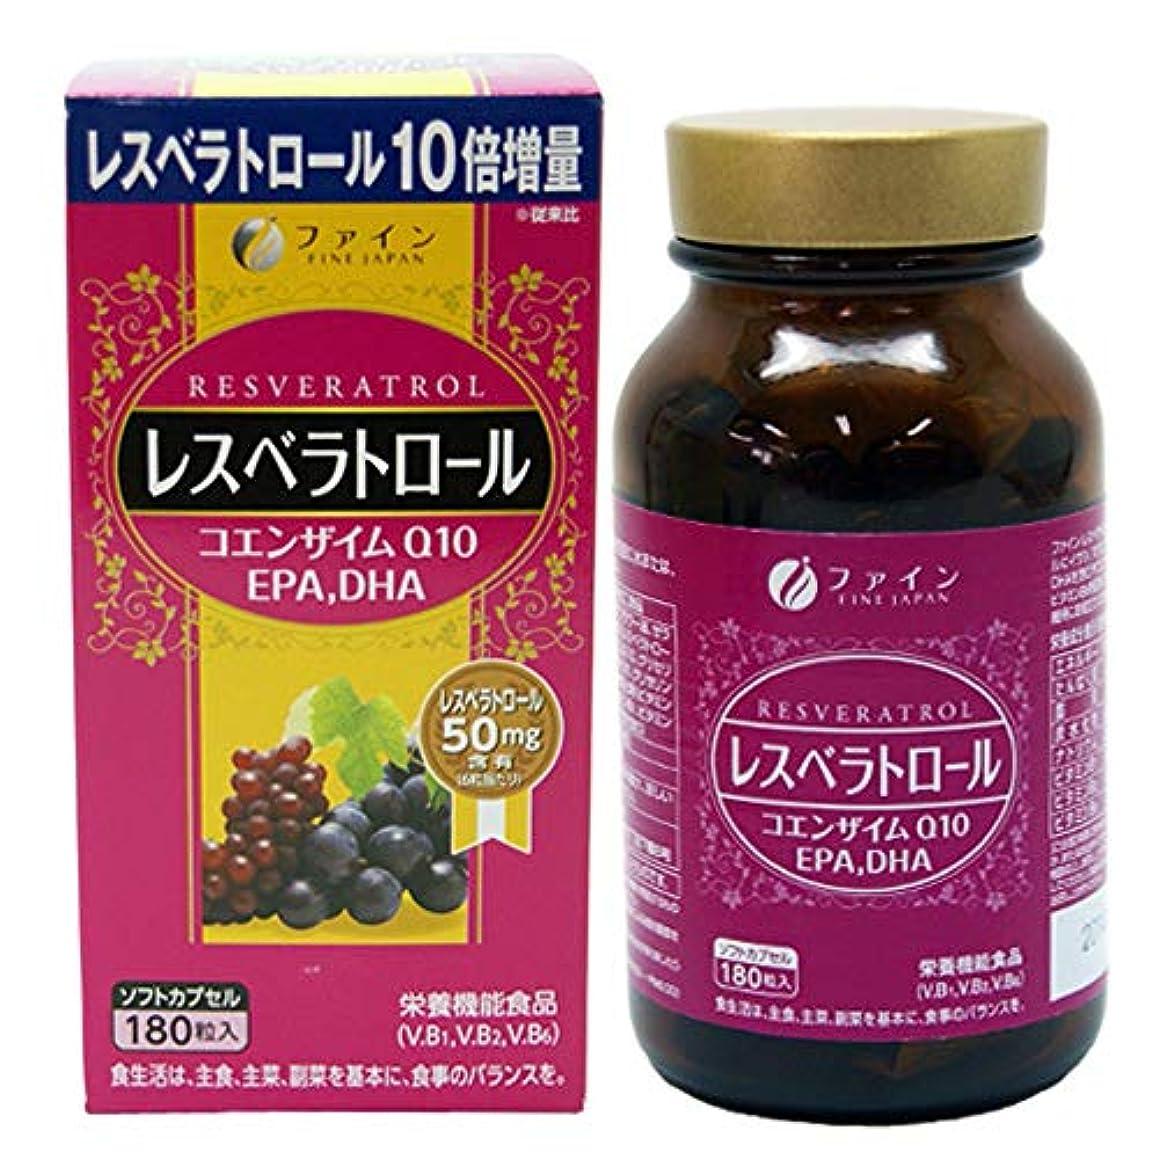 強大な過度にトマトファイン レスベラトロール 30日分(180粒入) EPA DHA コエンザイムQ10 配合